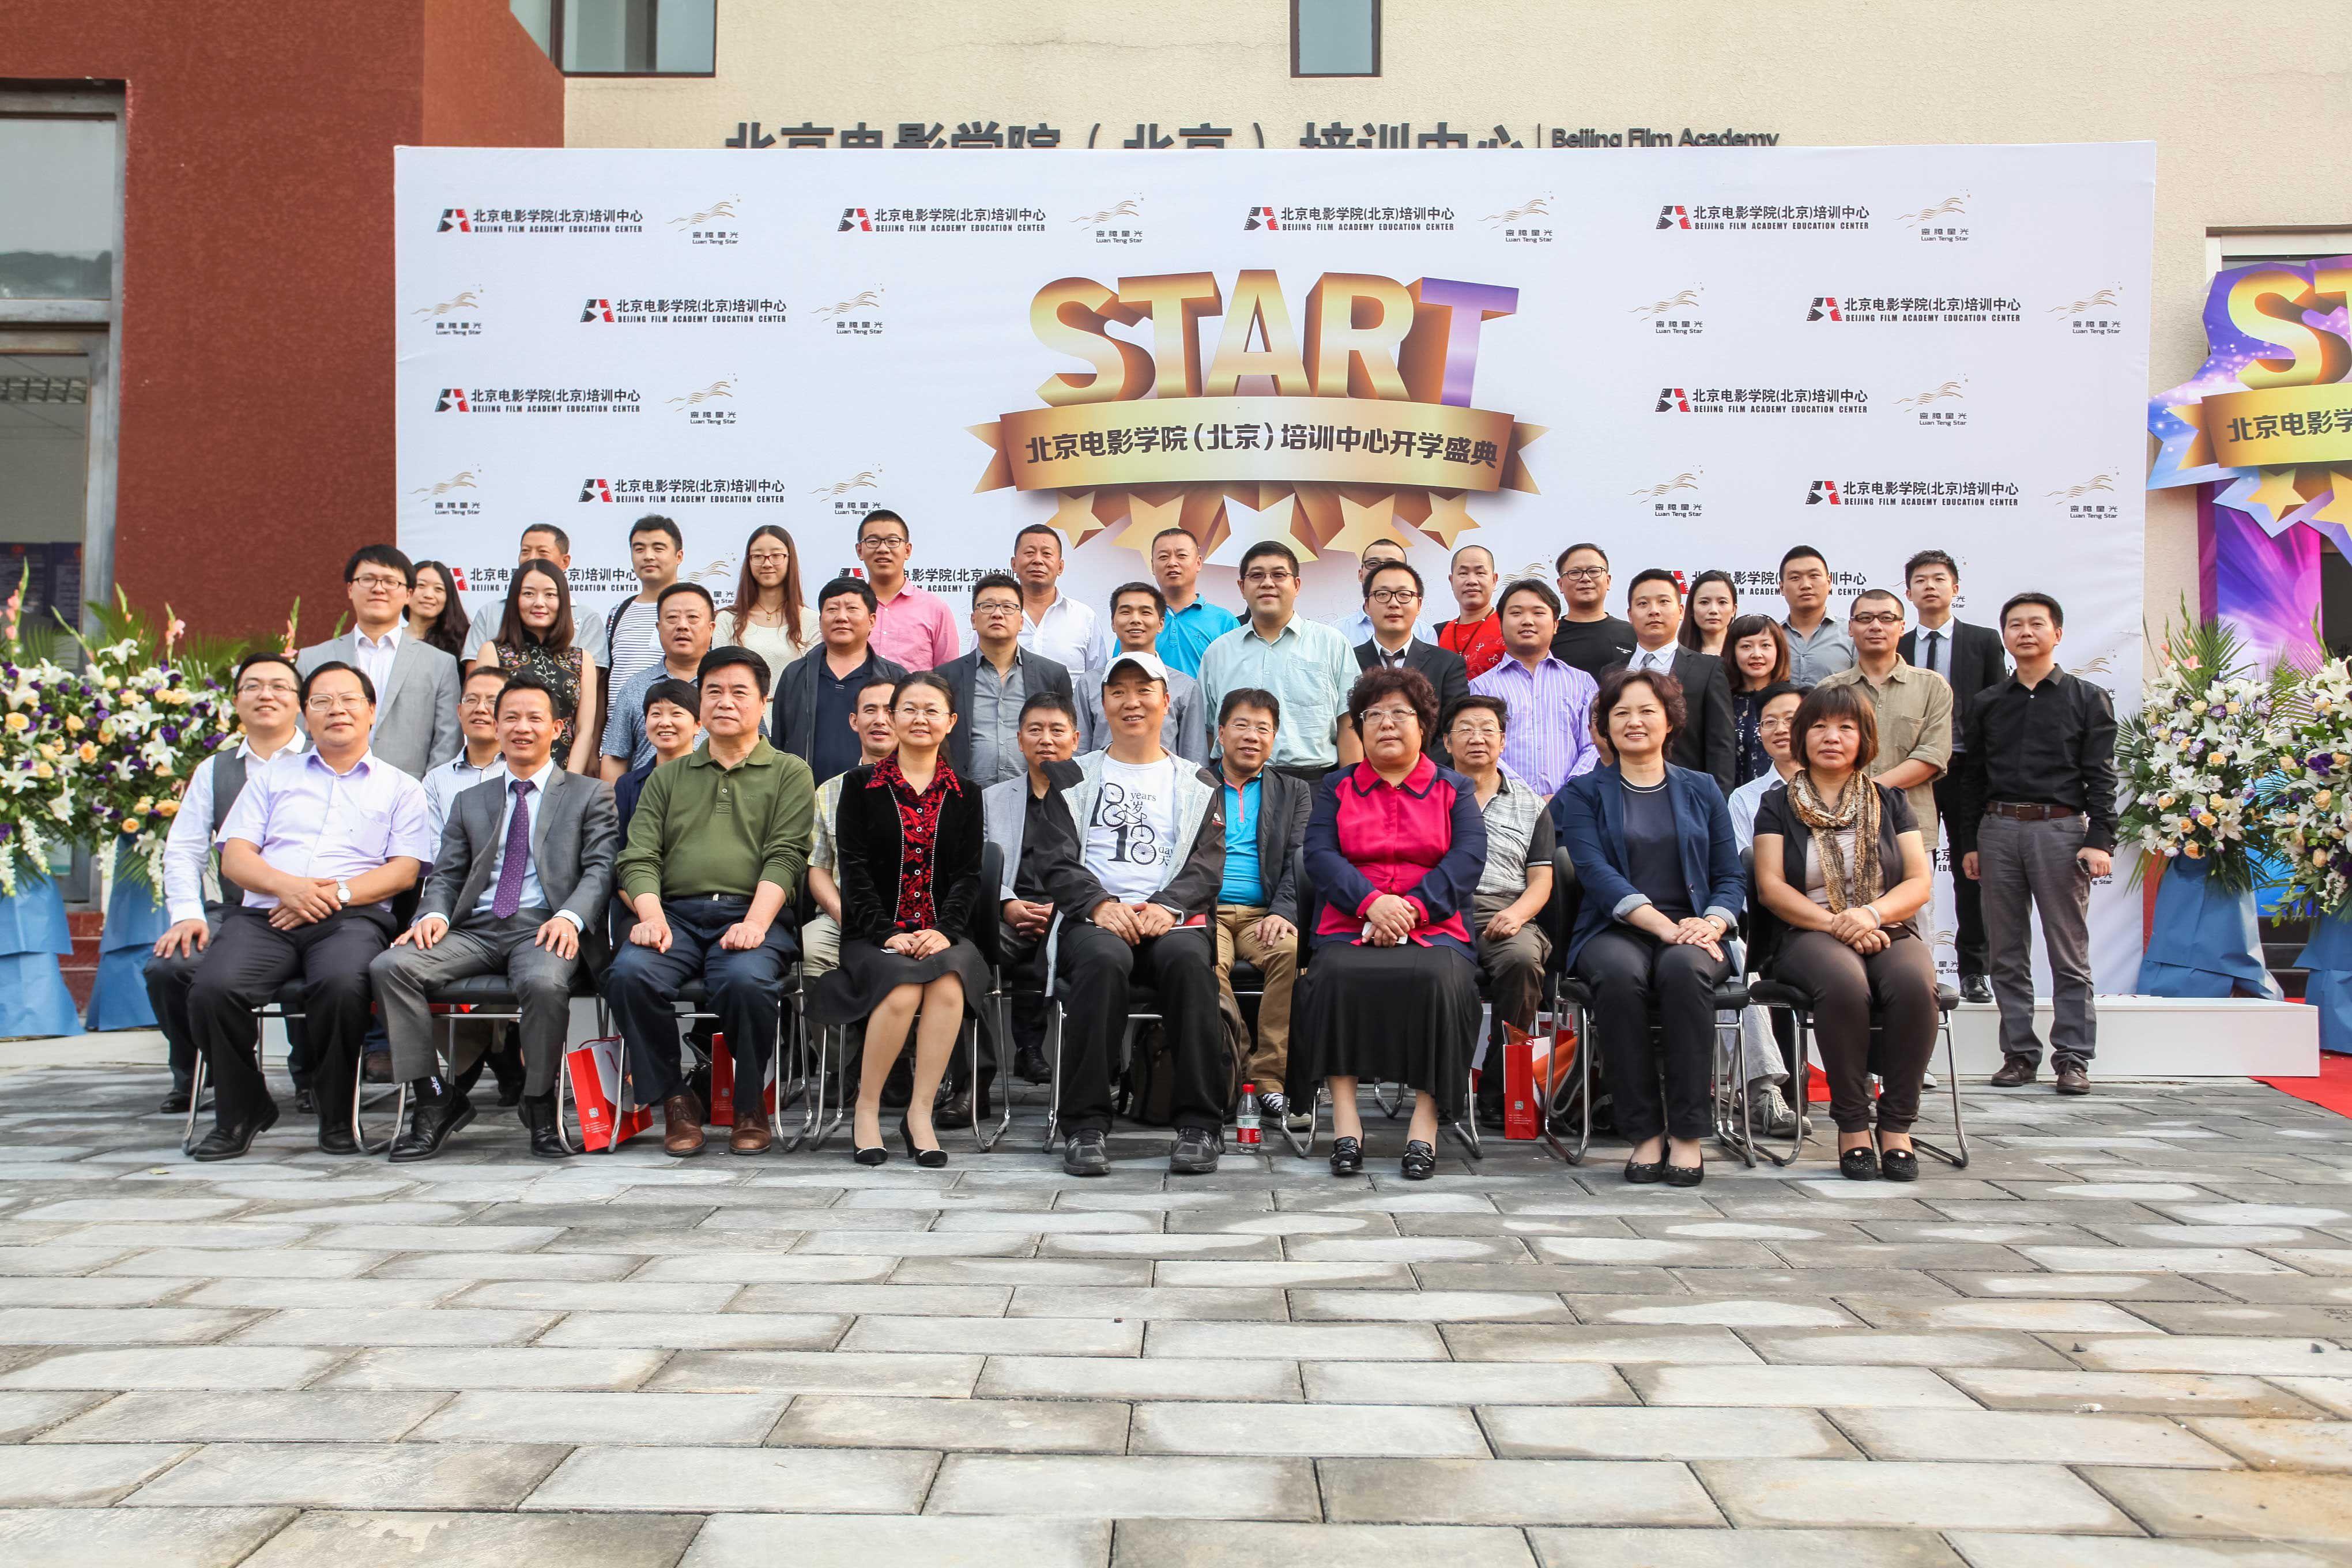 北京电影学院管理系的开设课程图片